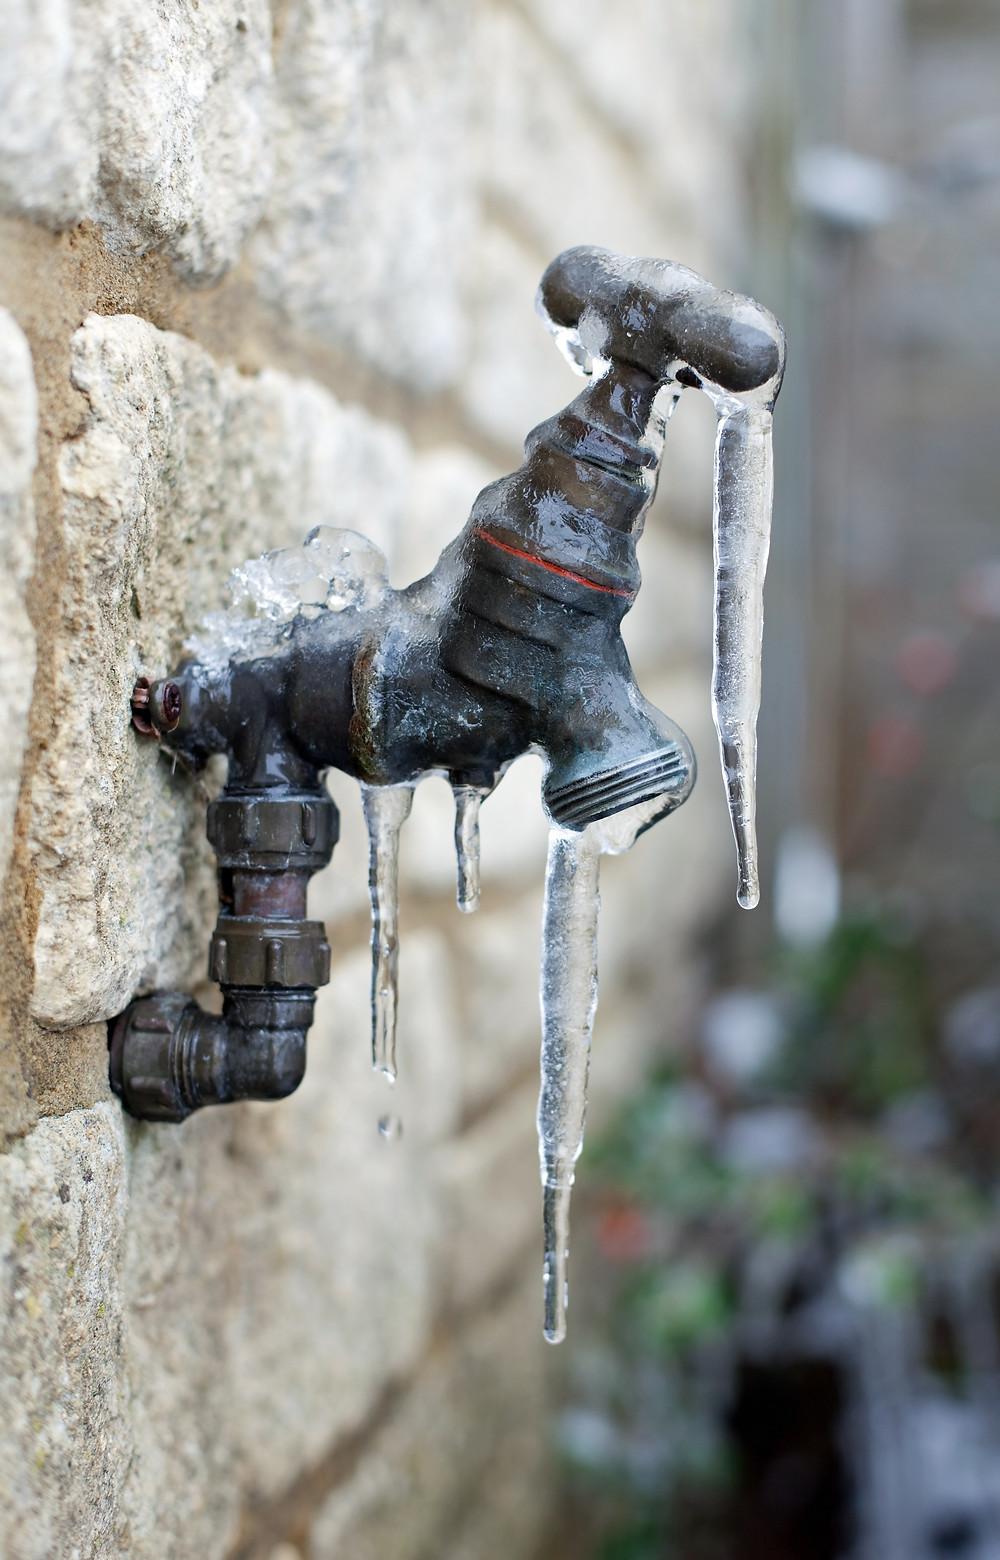 Frozen Outdoor Water Faucet